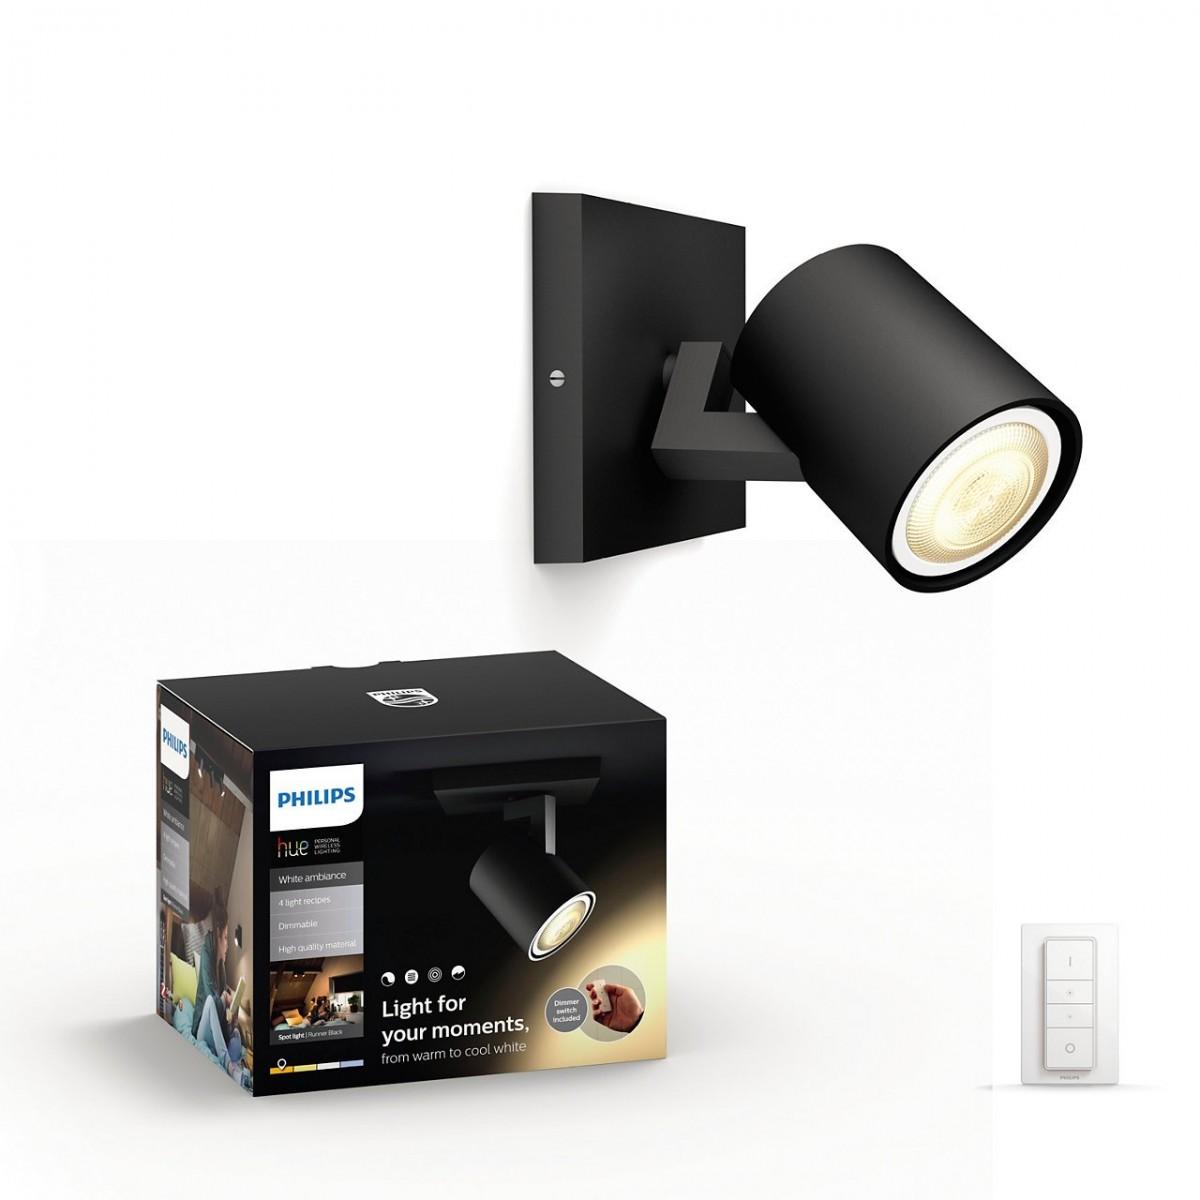 LED nástěnné svítidlo bodové Philips RUNNER HUE - černá s dálkovým ovladačem - Philips 53090/30/P7